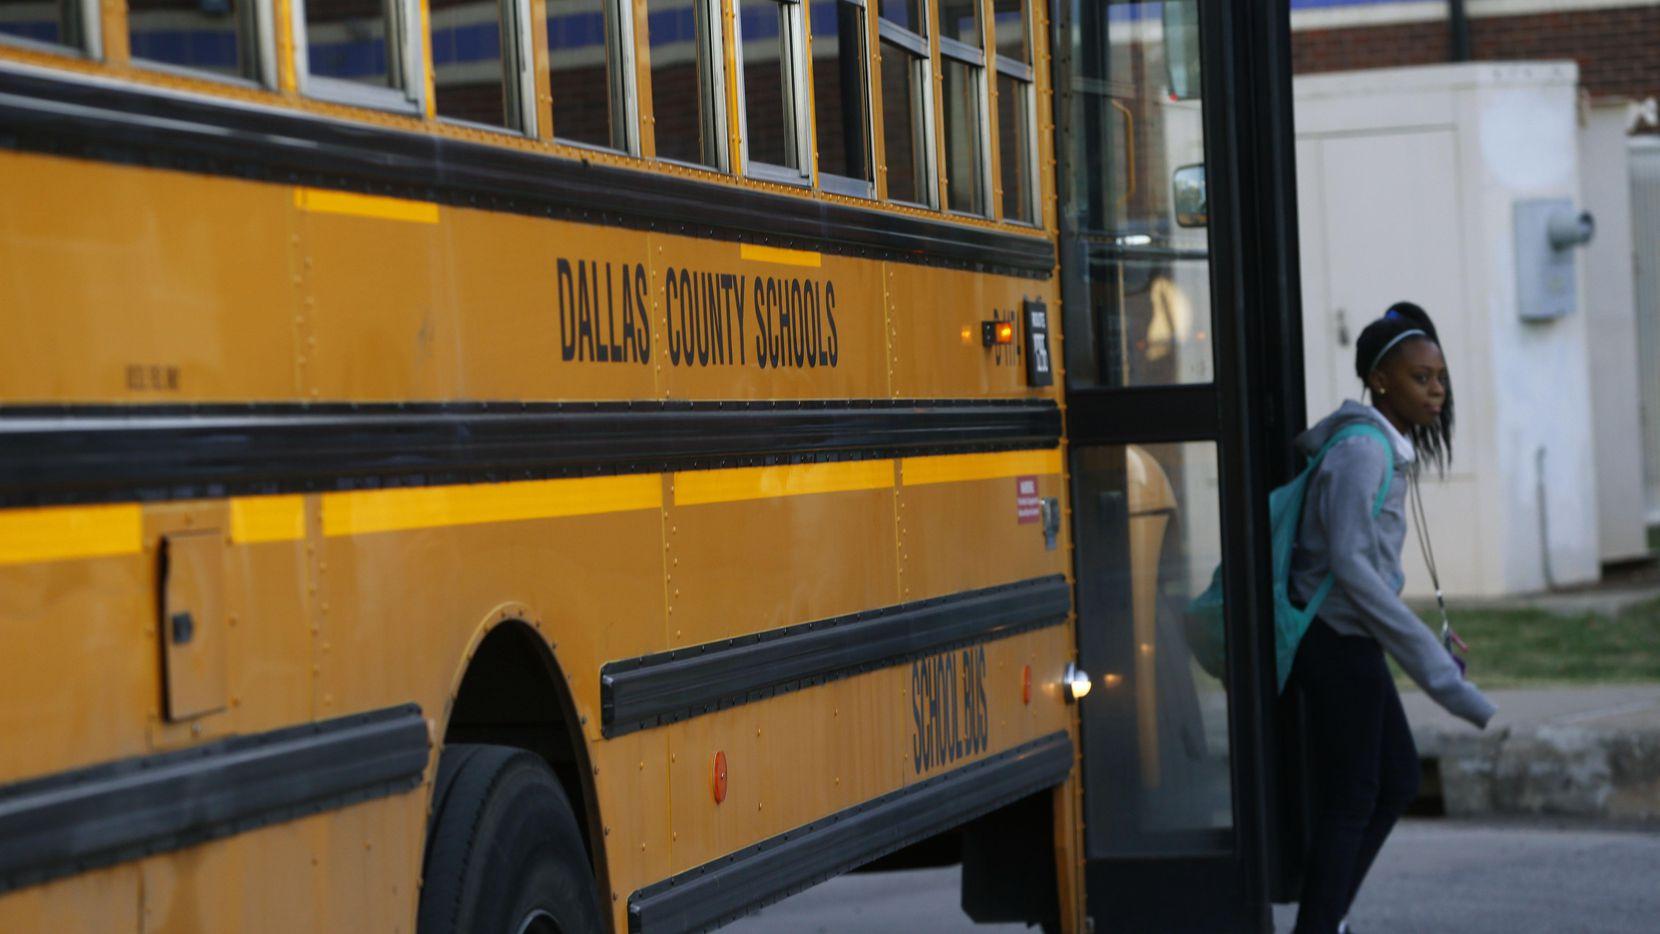 Dallas County Schools podría desaparecer si un recibe un voto en contra en un referendo que busca eliminar la agencia de transporte escolar. DMN